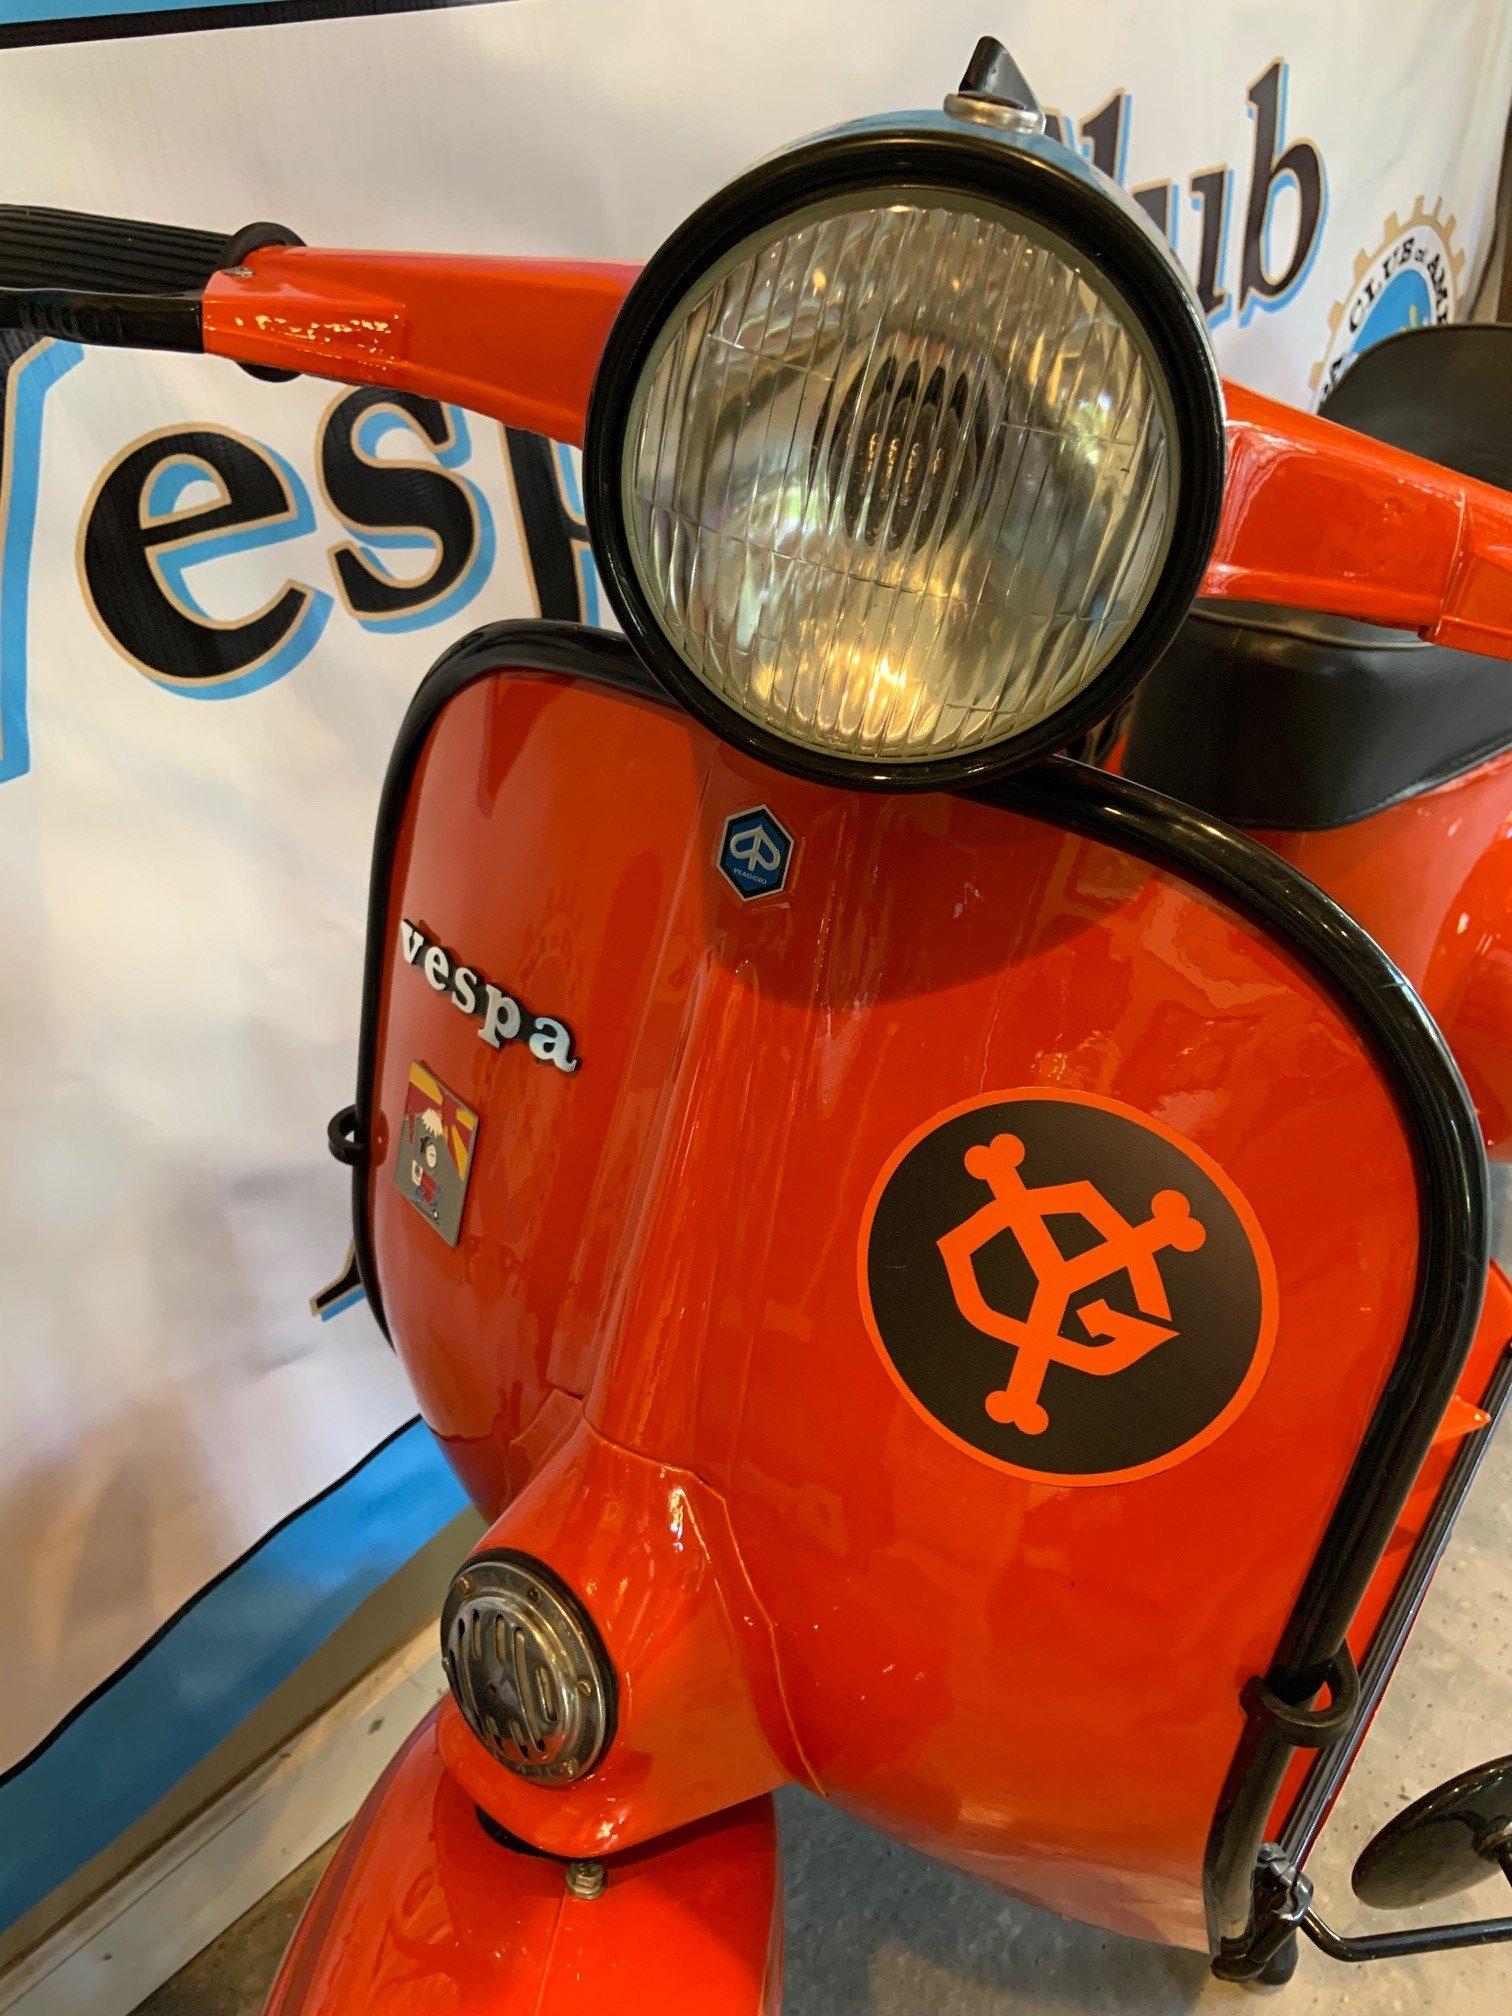 Josh Rogers - 1974 Piaggio Vespa 125 Primavera - front